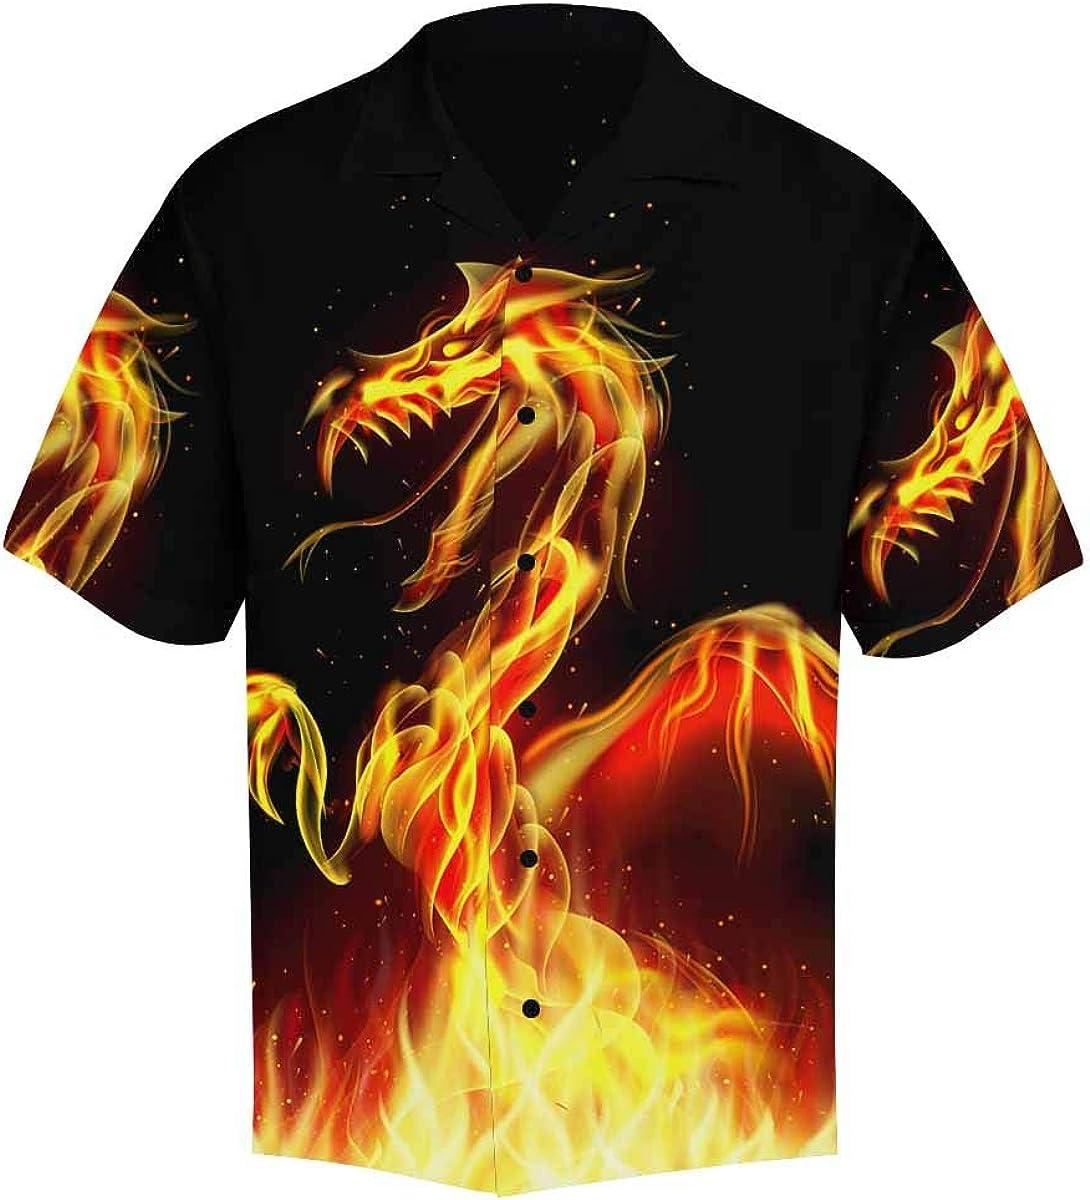 InterestPrint Men's Casual Button Down Short Sleeve Dragon Fire Hawaiian Shirt (S-5XL)